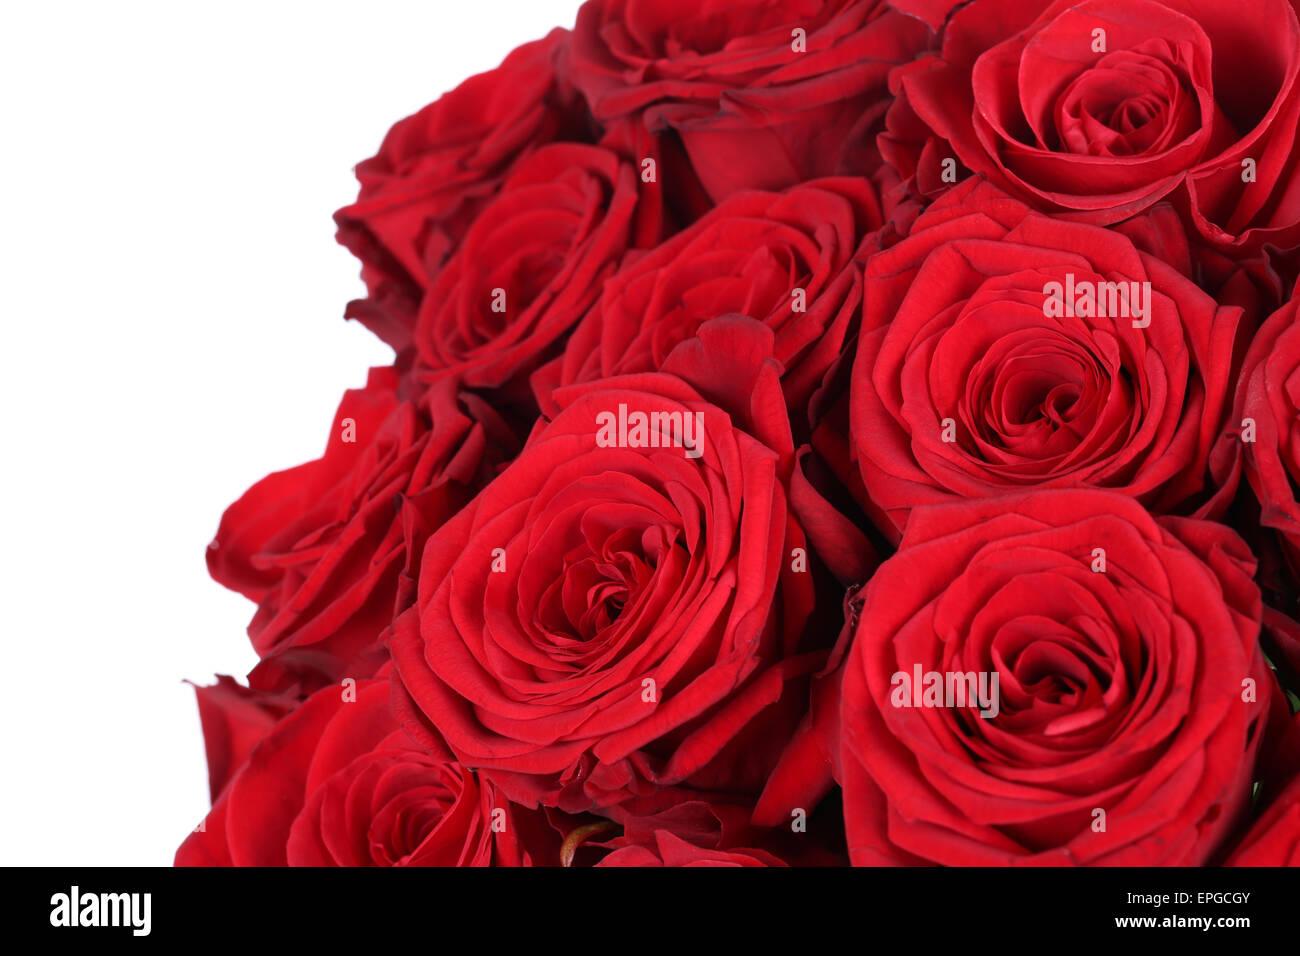 Strauß Rote Rosen Zum Valentinstag Oder Muttertag